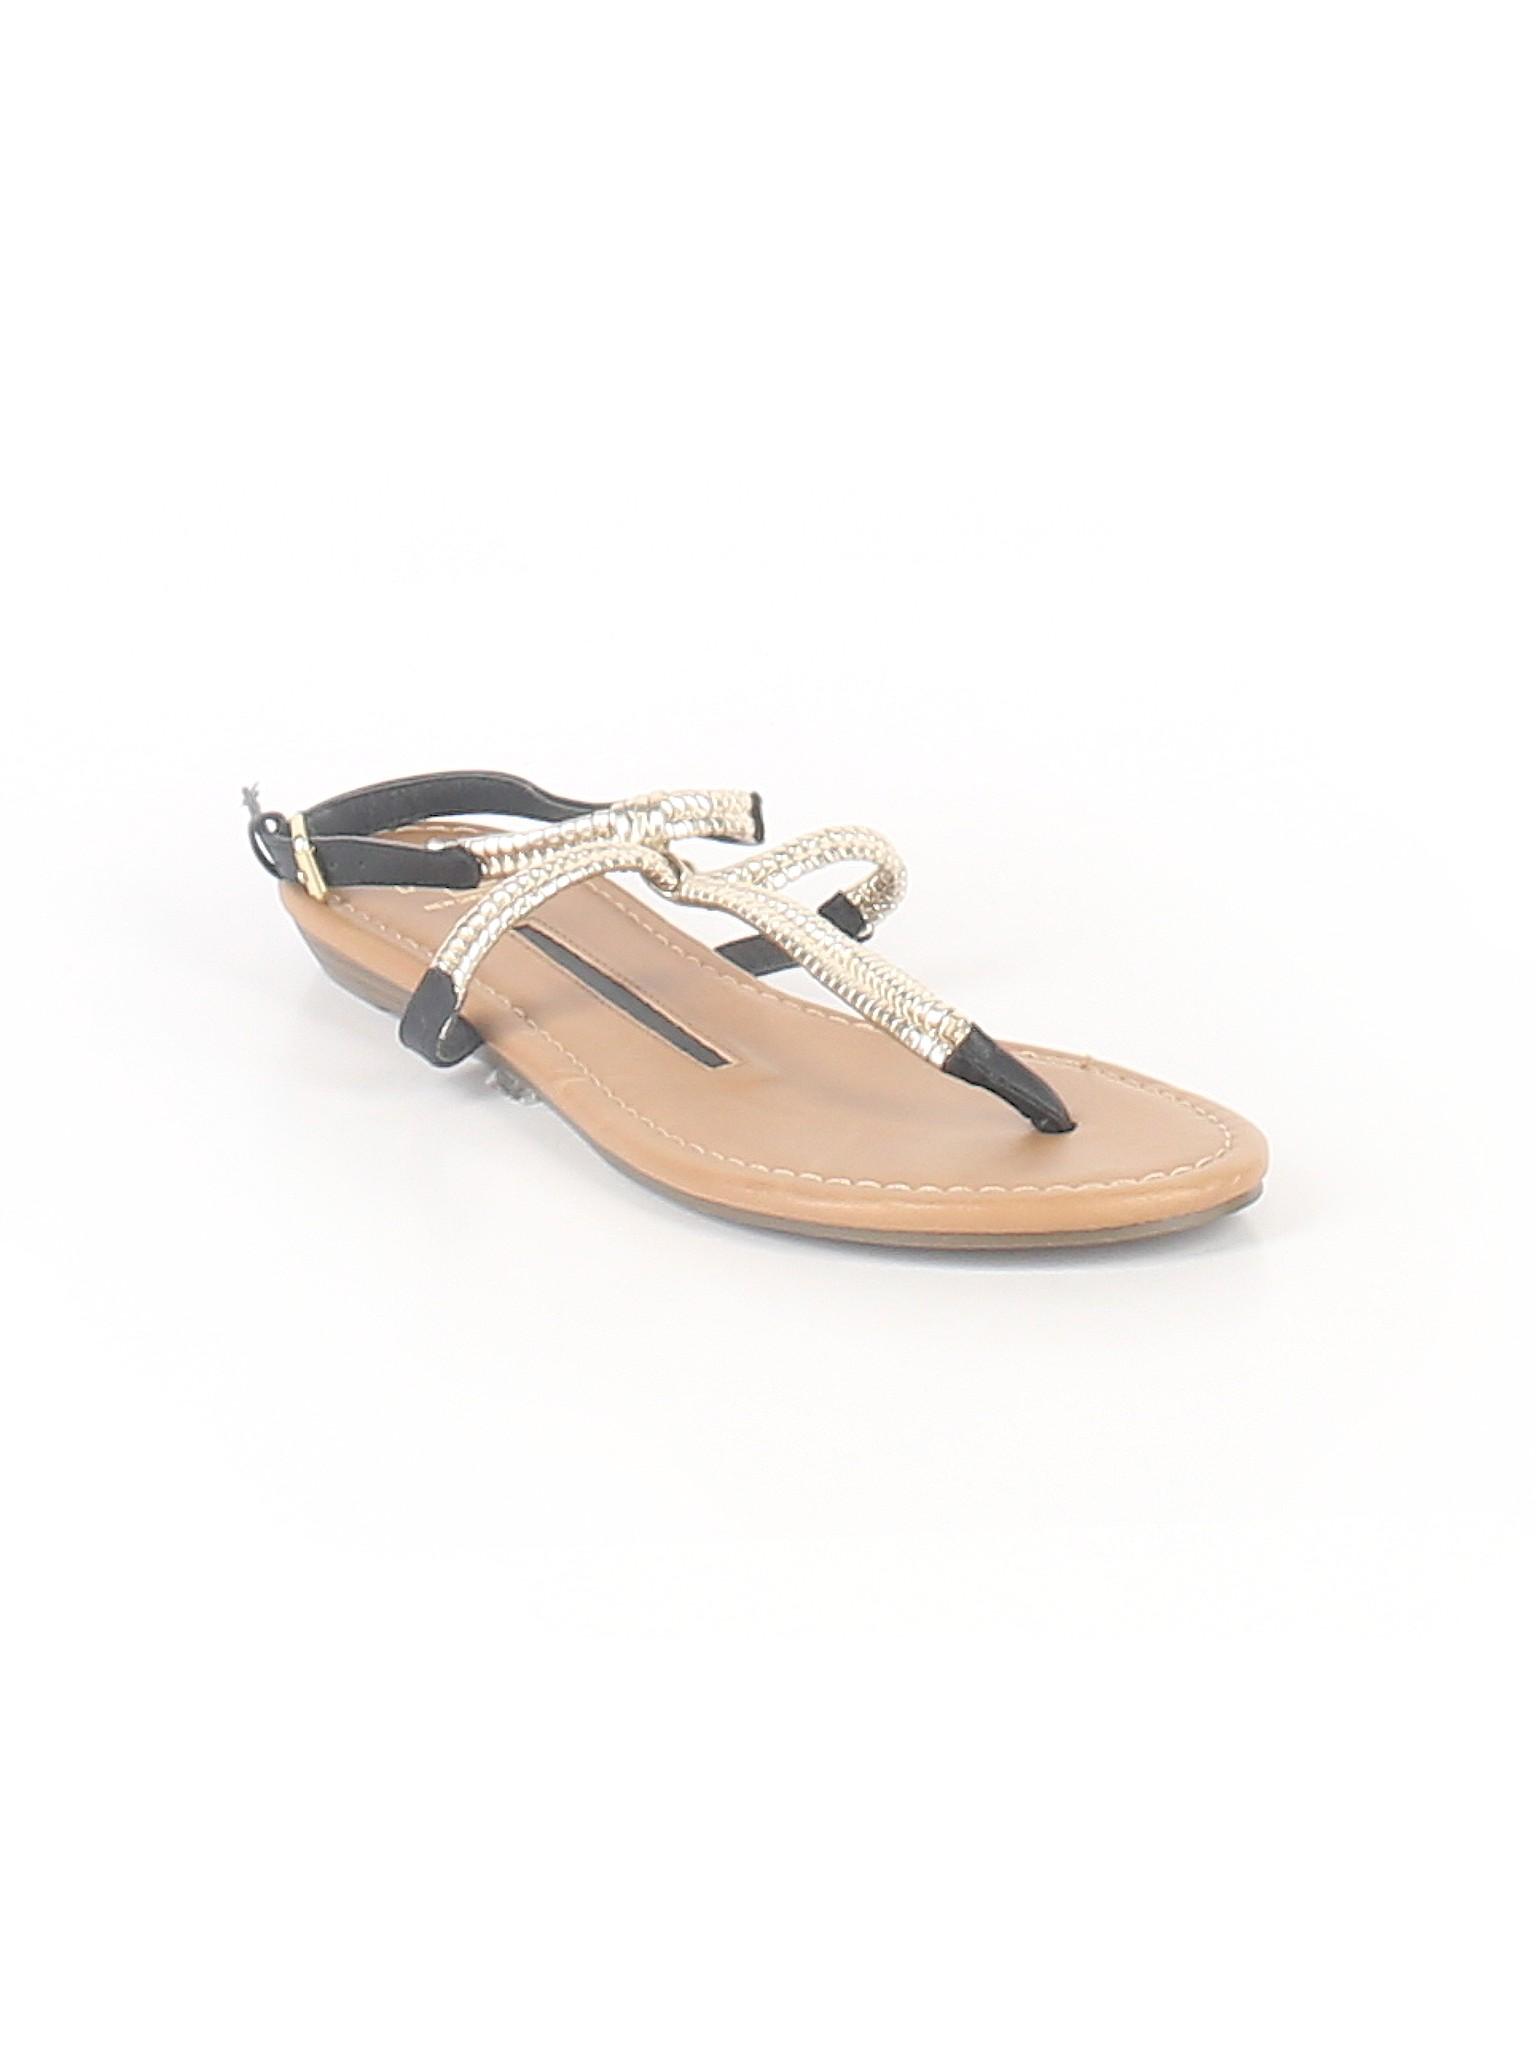 promotion Boutique Sandals promotion New Boutique Boutique New Sandals Directions Directions New promotion Directions HApnx